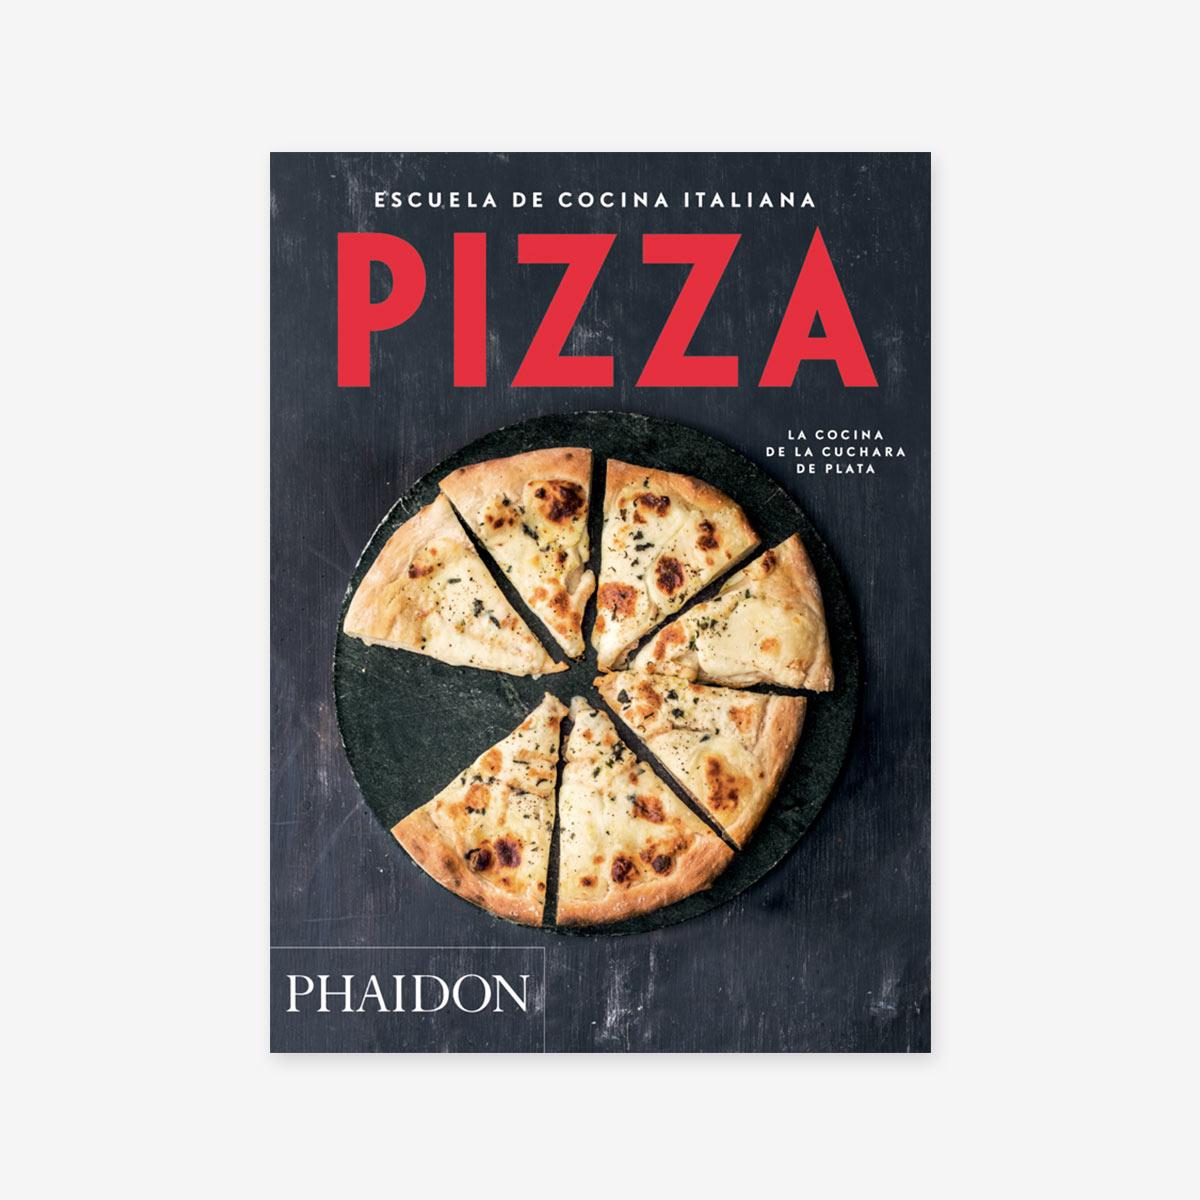 Escuela de cocina pizza miss gourmand - Libro escuela de cocina ...